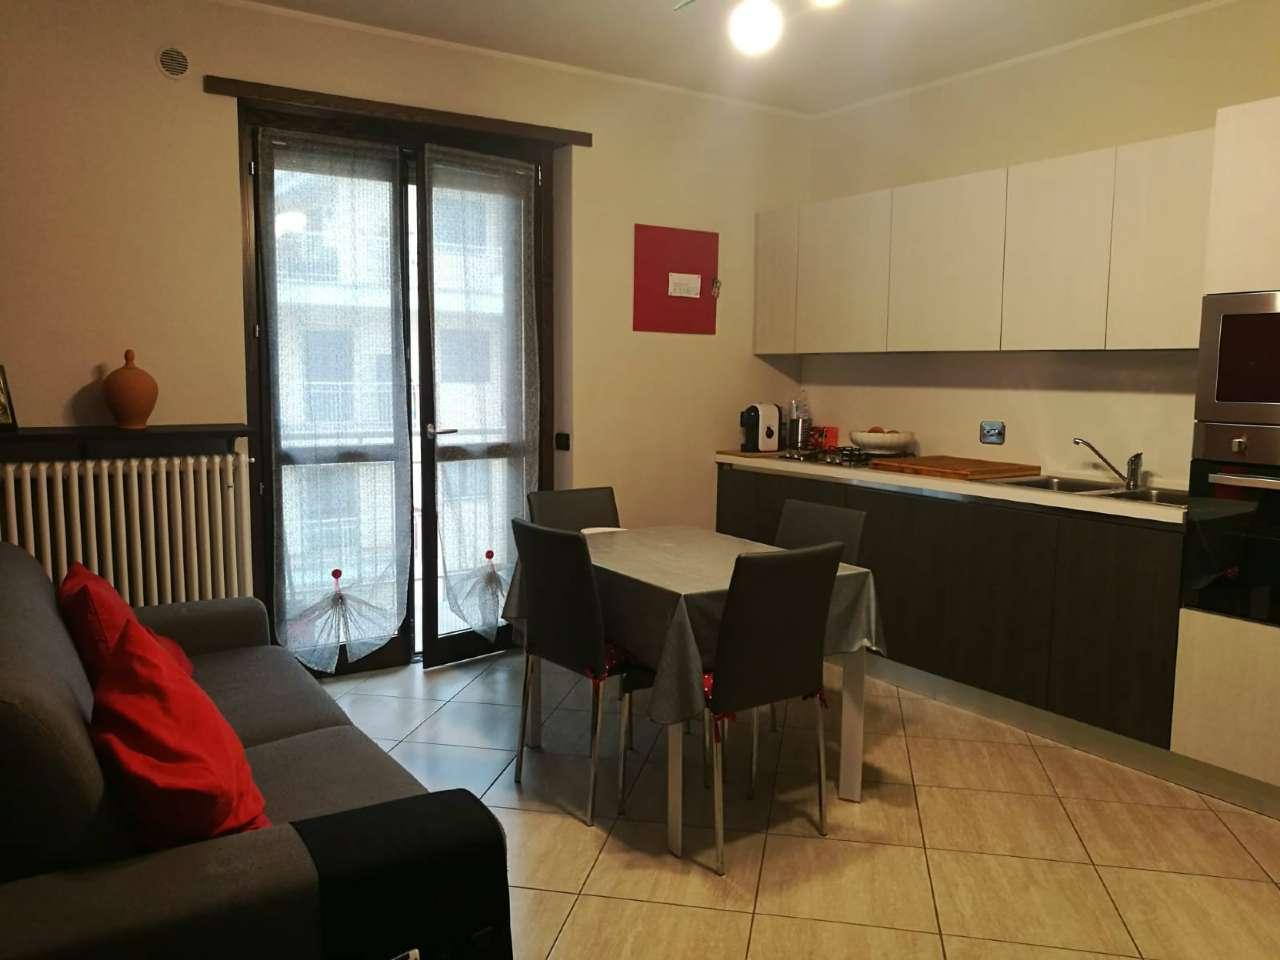 Appartamento in vendita a Vinovo, 2 locali, prezzo € 105.000 | PortaleAgenzieImmobiliari.it